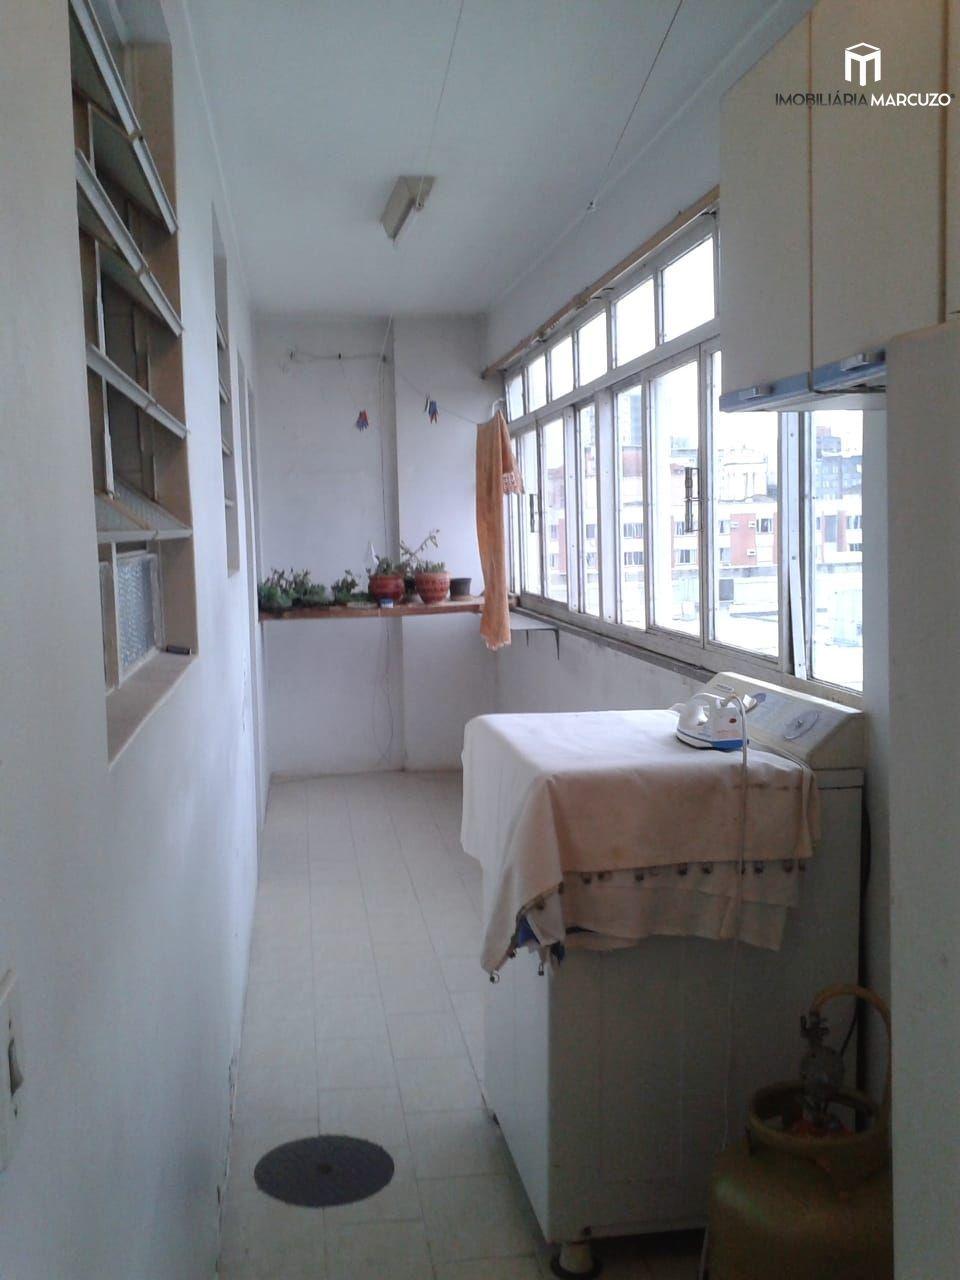 Apartamento com 3 Dormitórios à venda, 144 m² por R$ 370.000,00